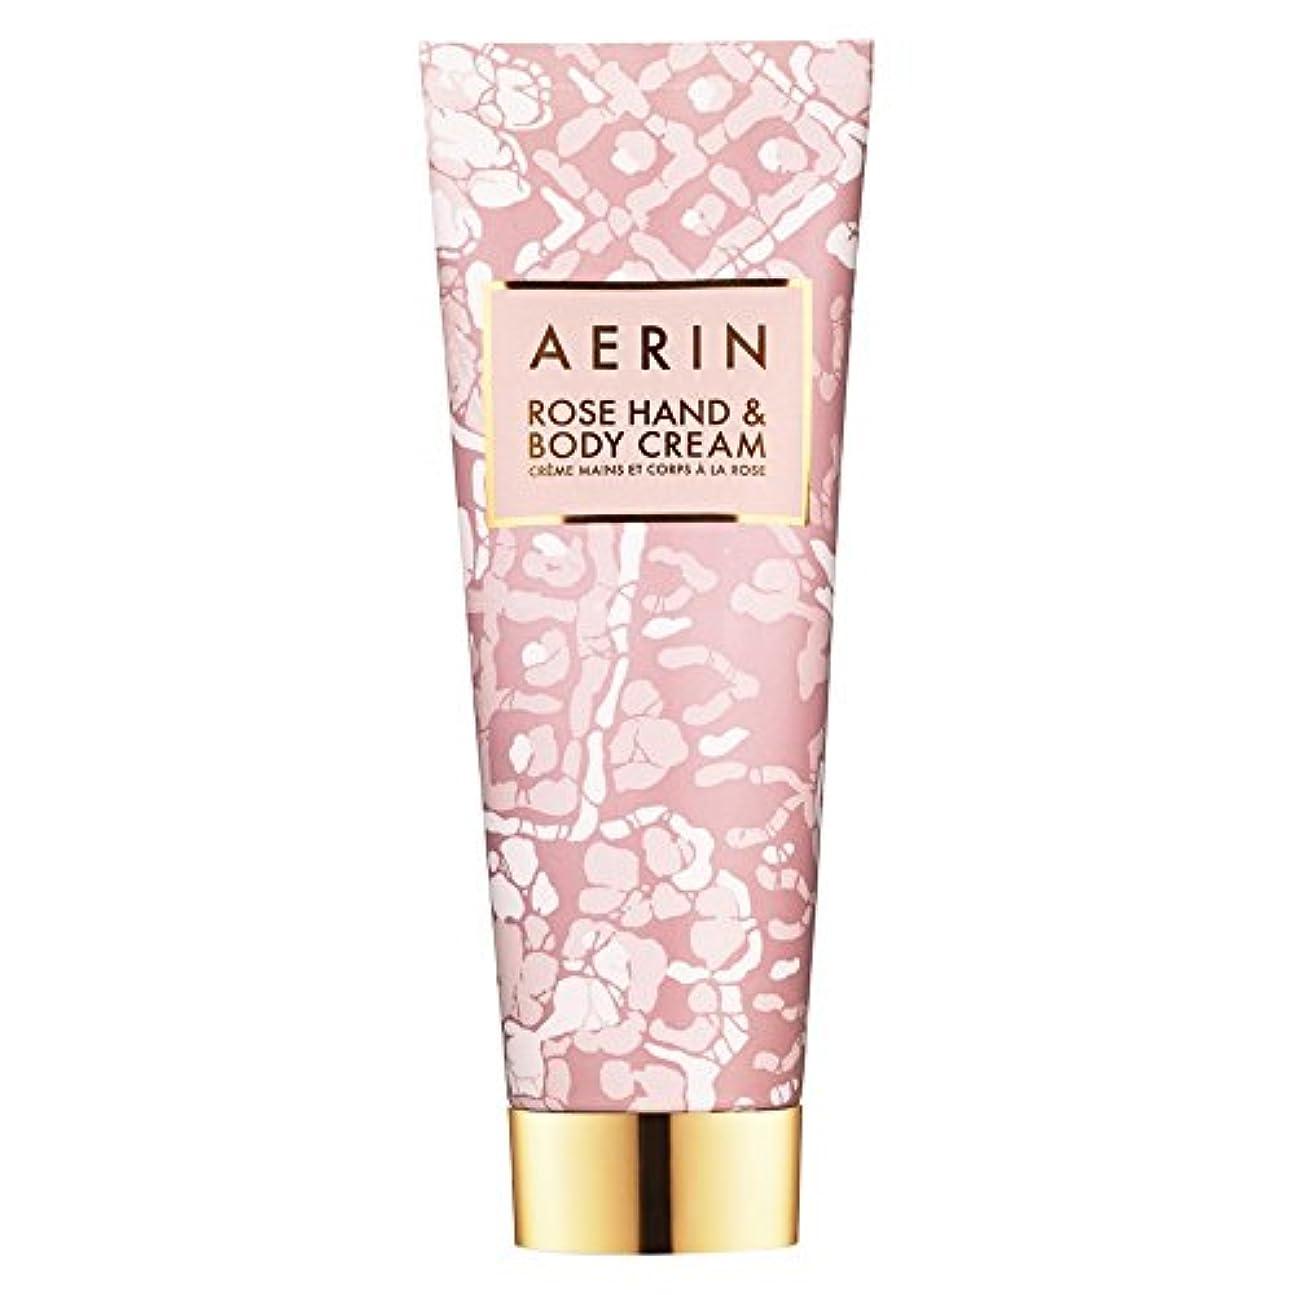 シマウマ出血噴火Aerinはハンド&ボディクリーム125ミリリットルをバラ (AERIN) (x2) - AERIN Rose Hand & Body Cream 125ml (Pack of 2) [並行輸入品]